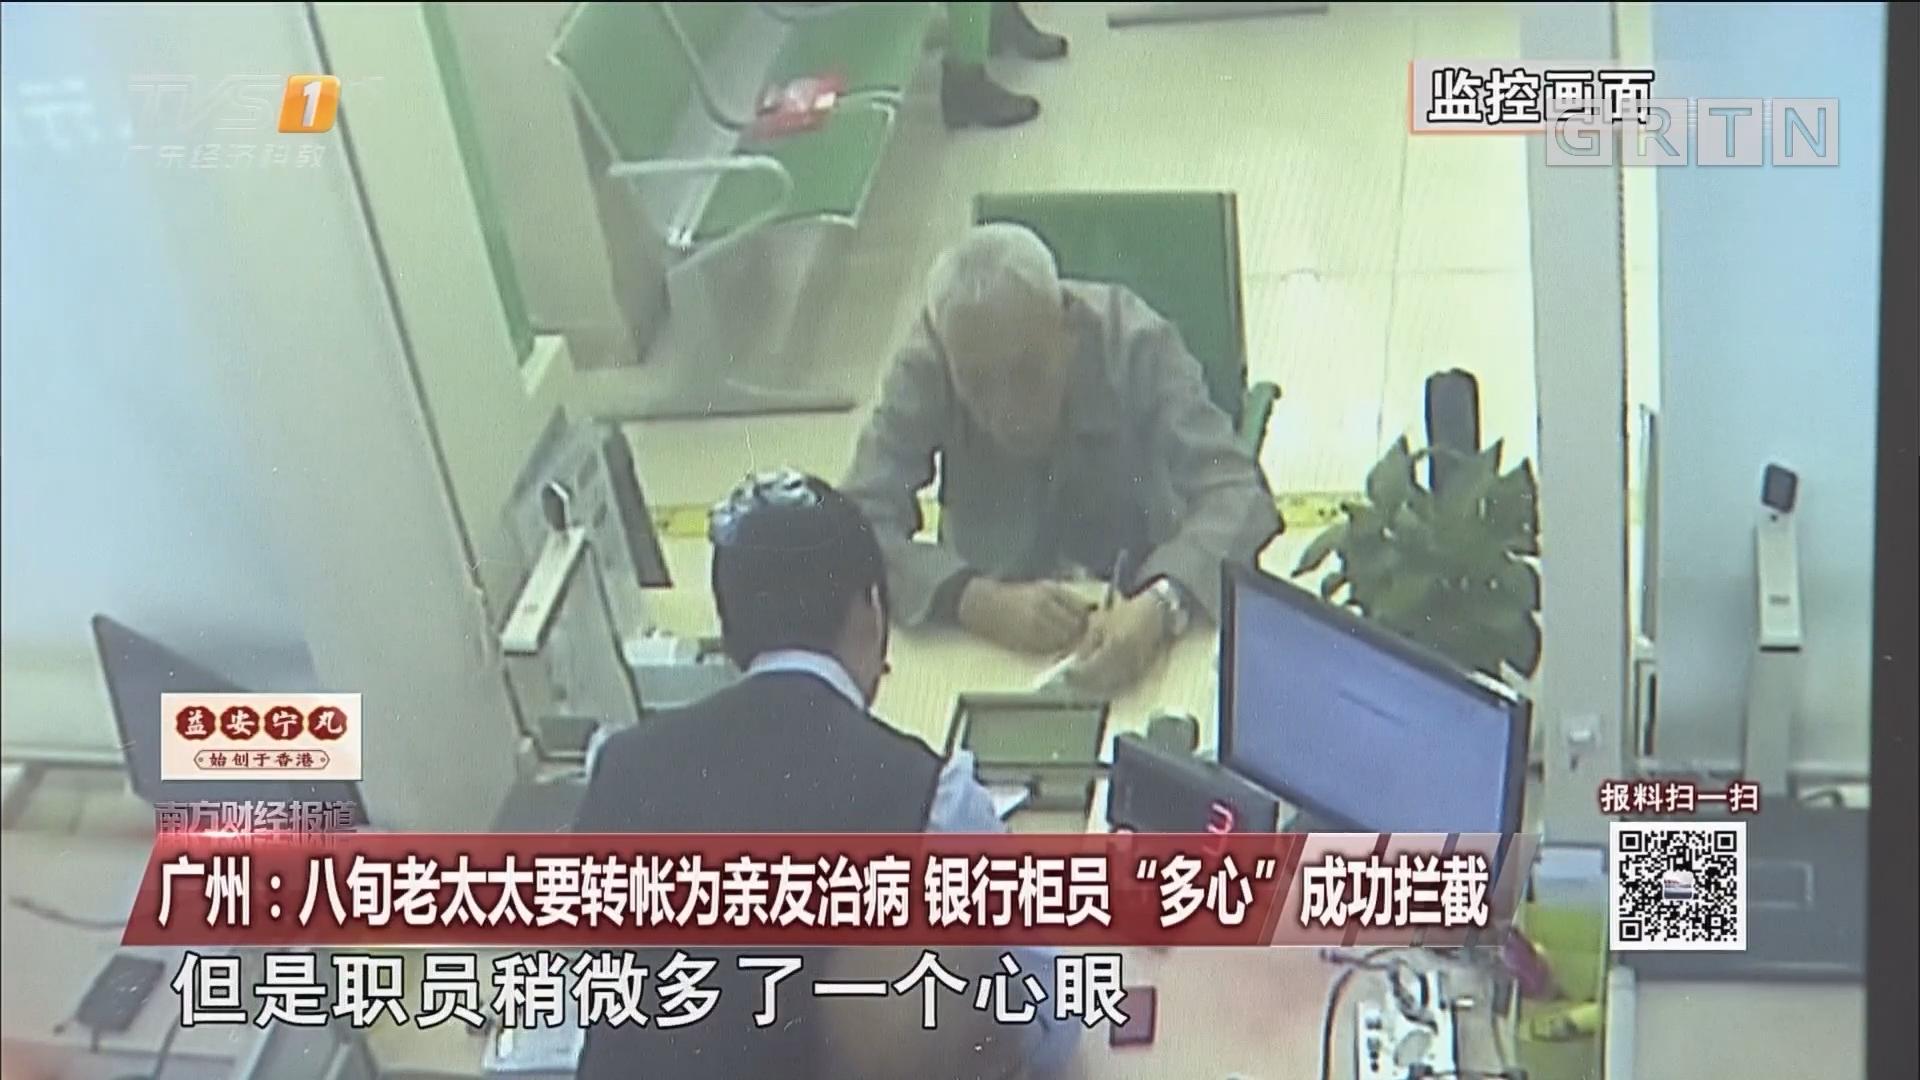 """广州:八旬老太太要转账为亲友治病 银行柜员""""多心"""" 成功拦截"""